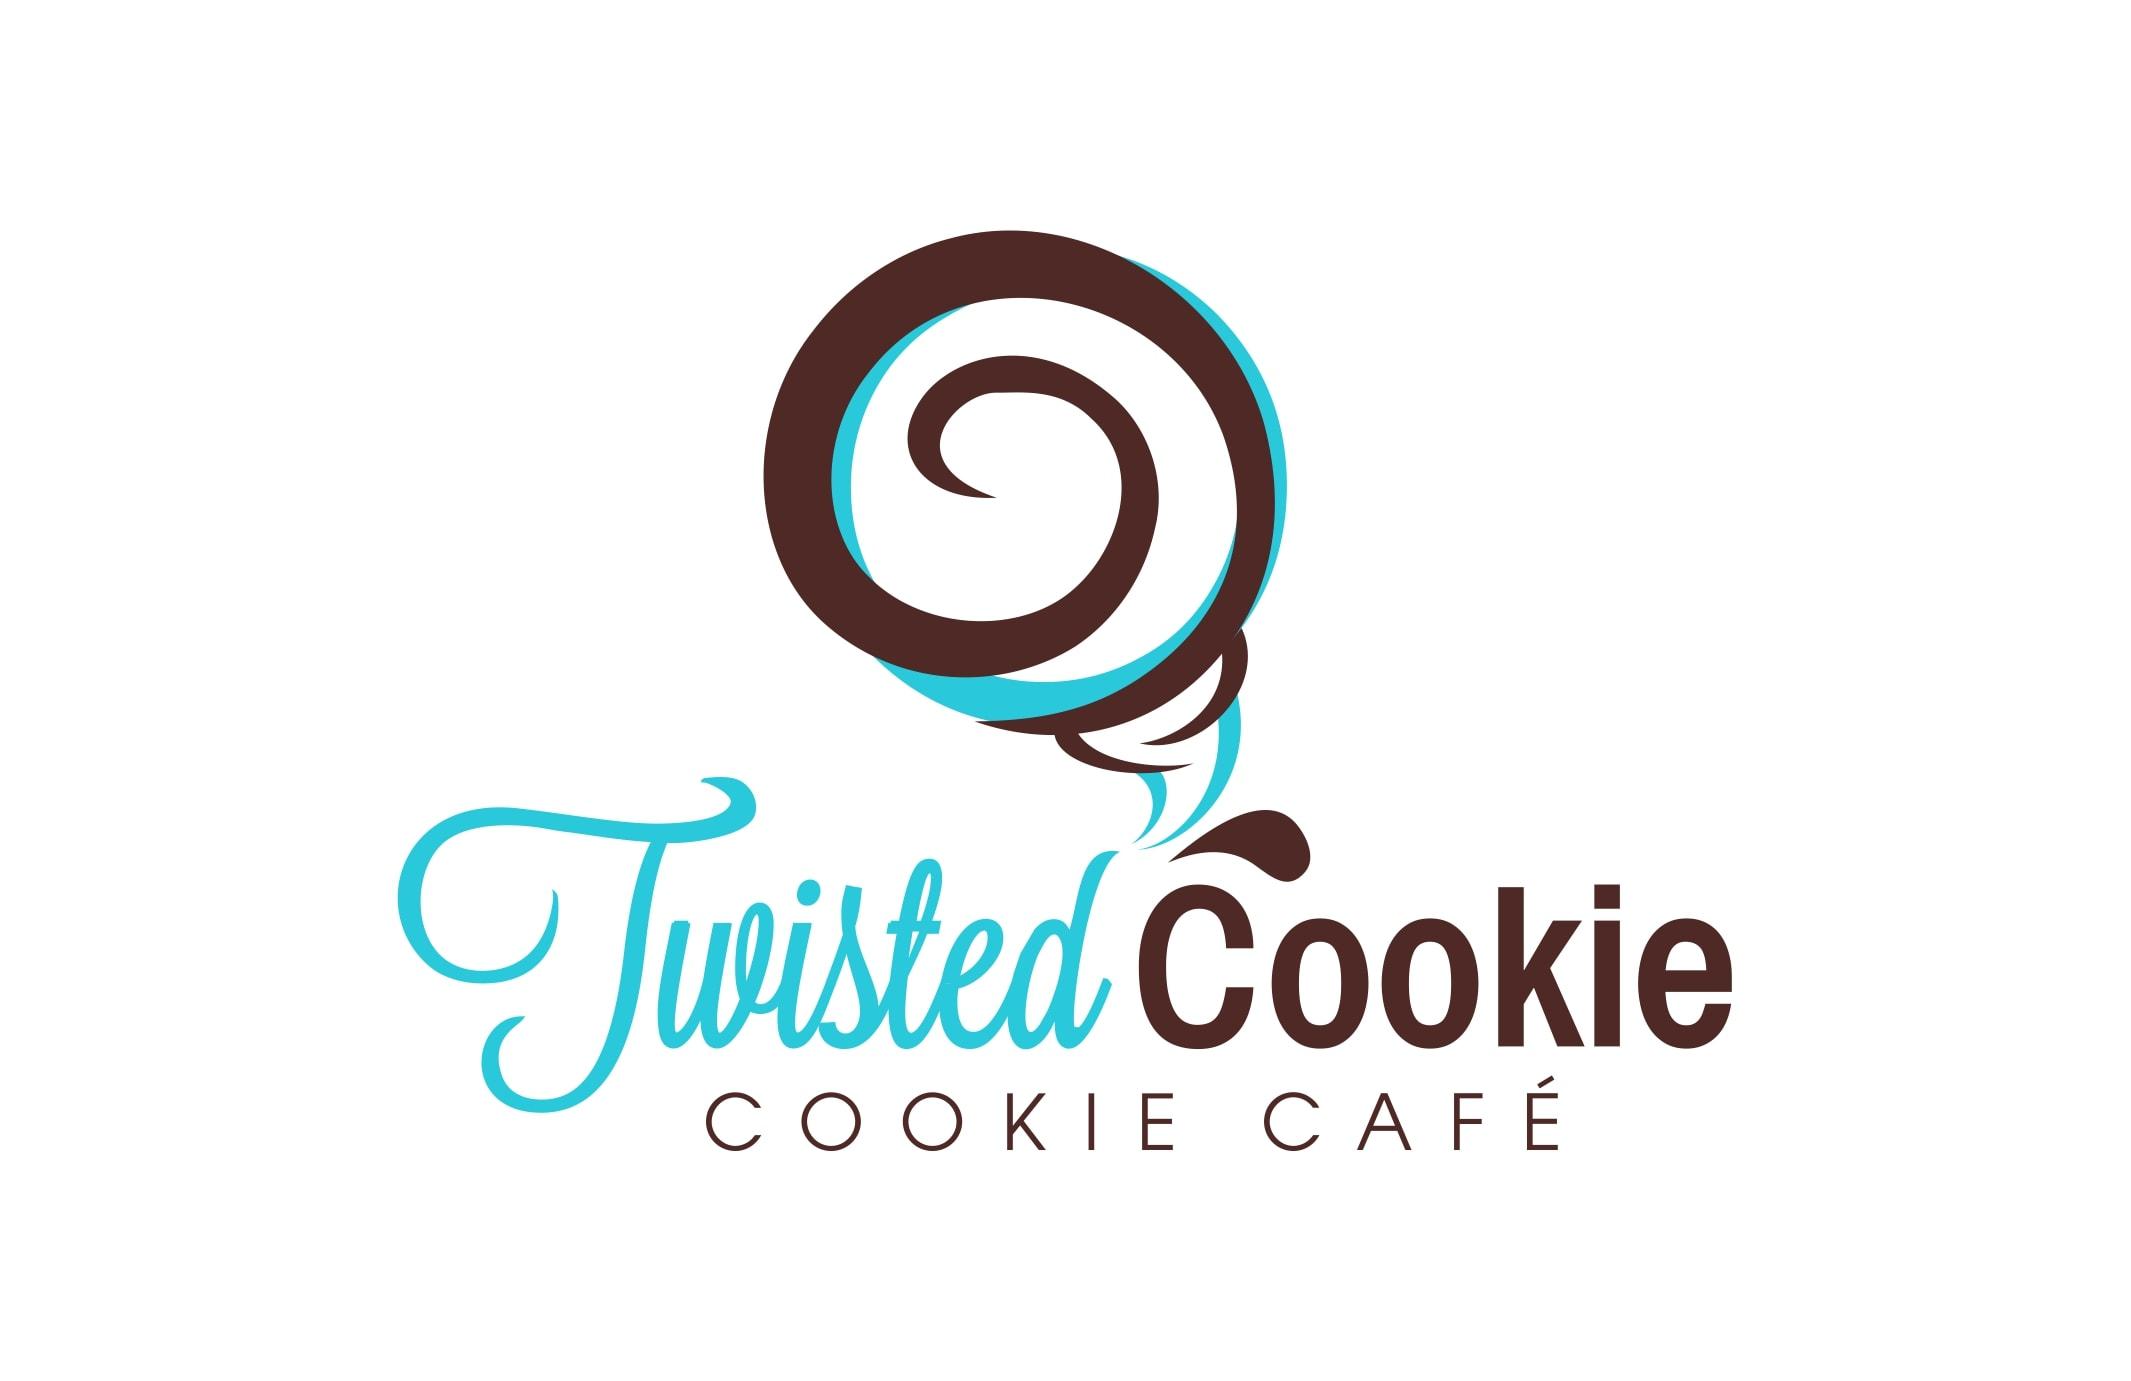 Cookie Cafe- Cookies, Coffees, Milkshakes, Pies, Cookie Bark